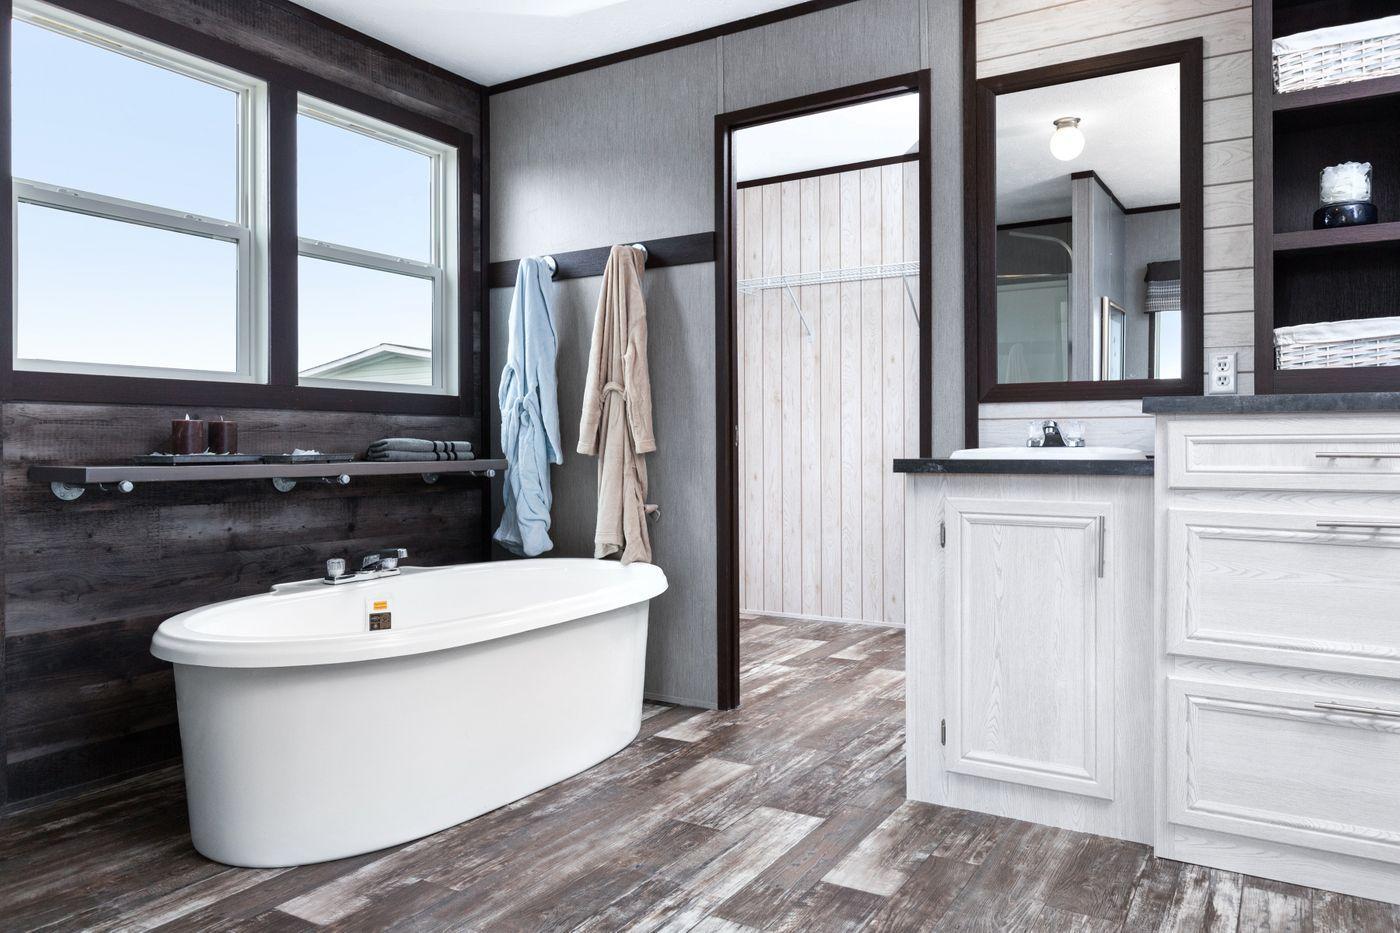 The Shoreline Bathroom